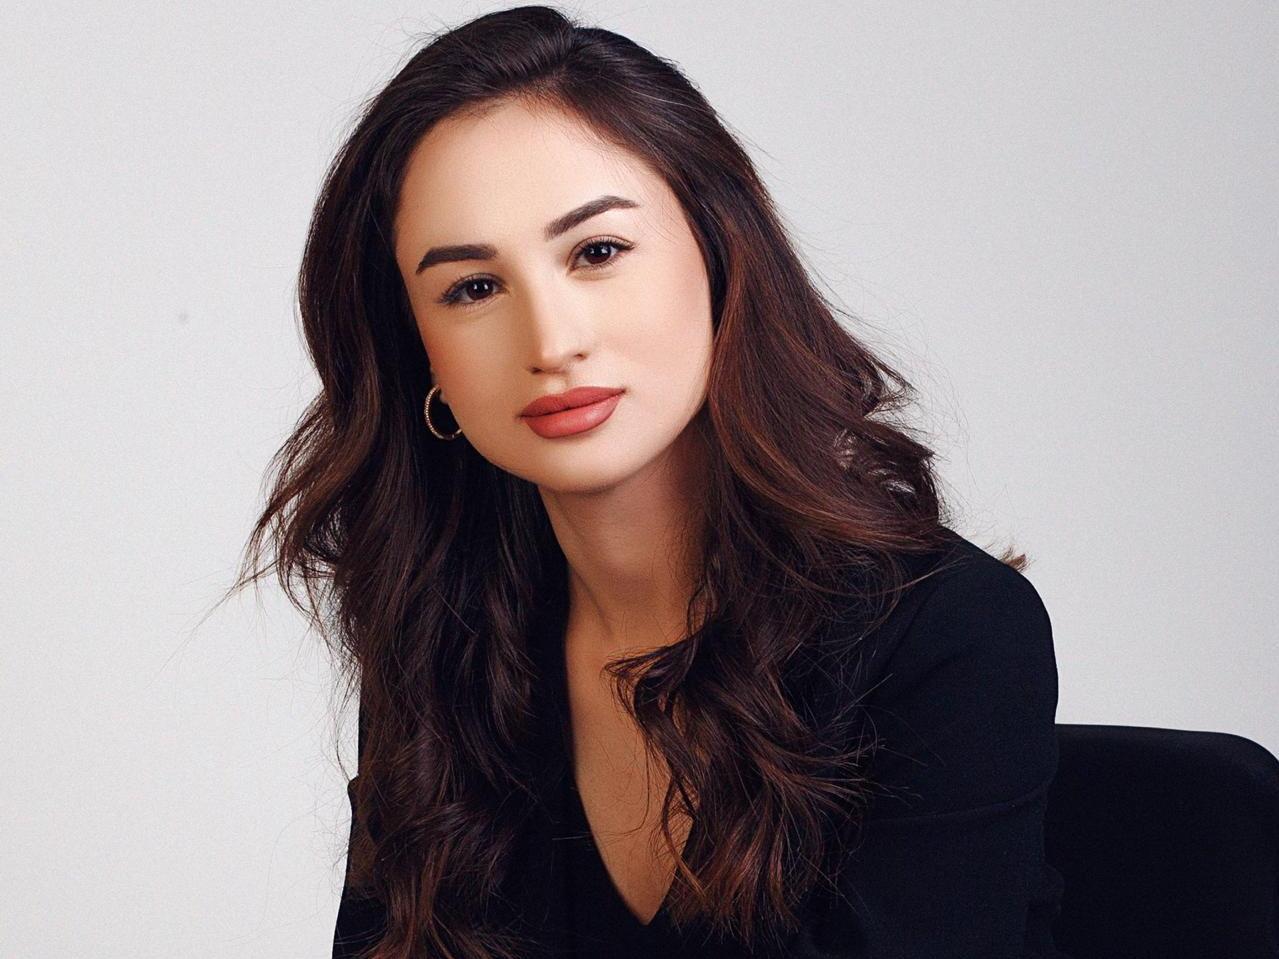 Fempact от Фариды Алиевой: «Женщины могли бы достичь большего, если бы не боялись» – ФОТО